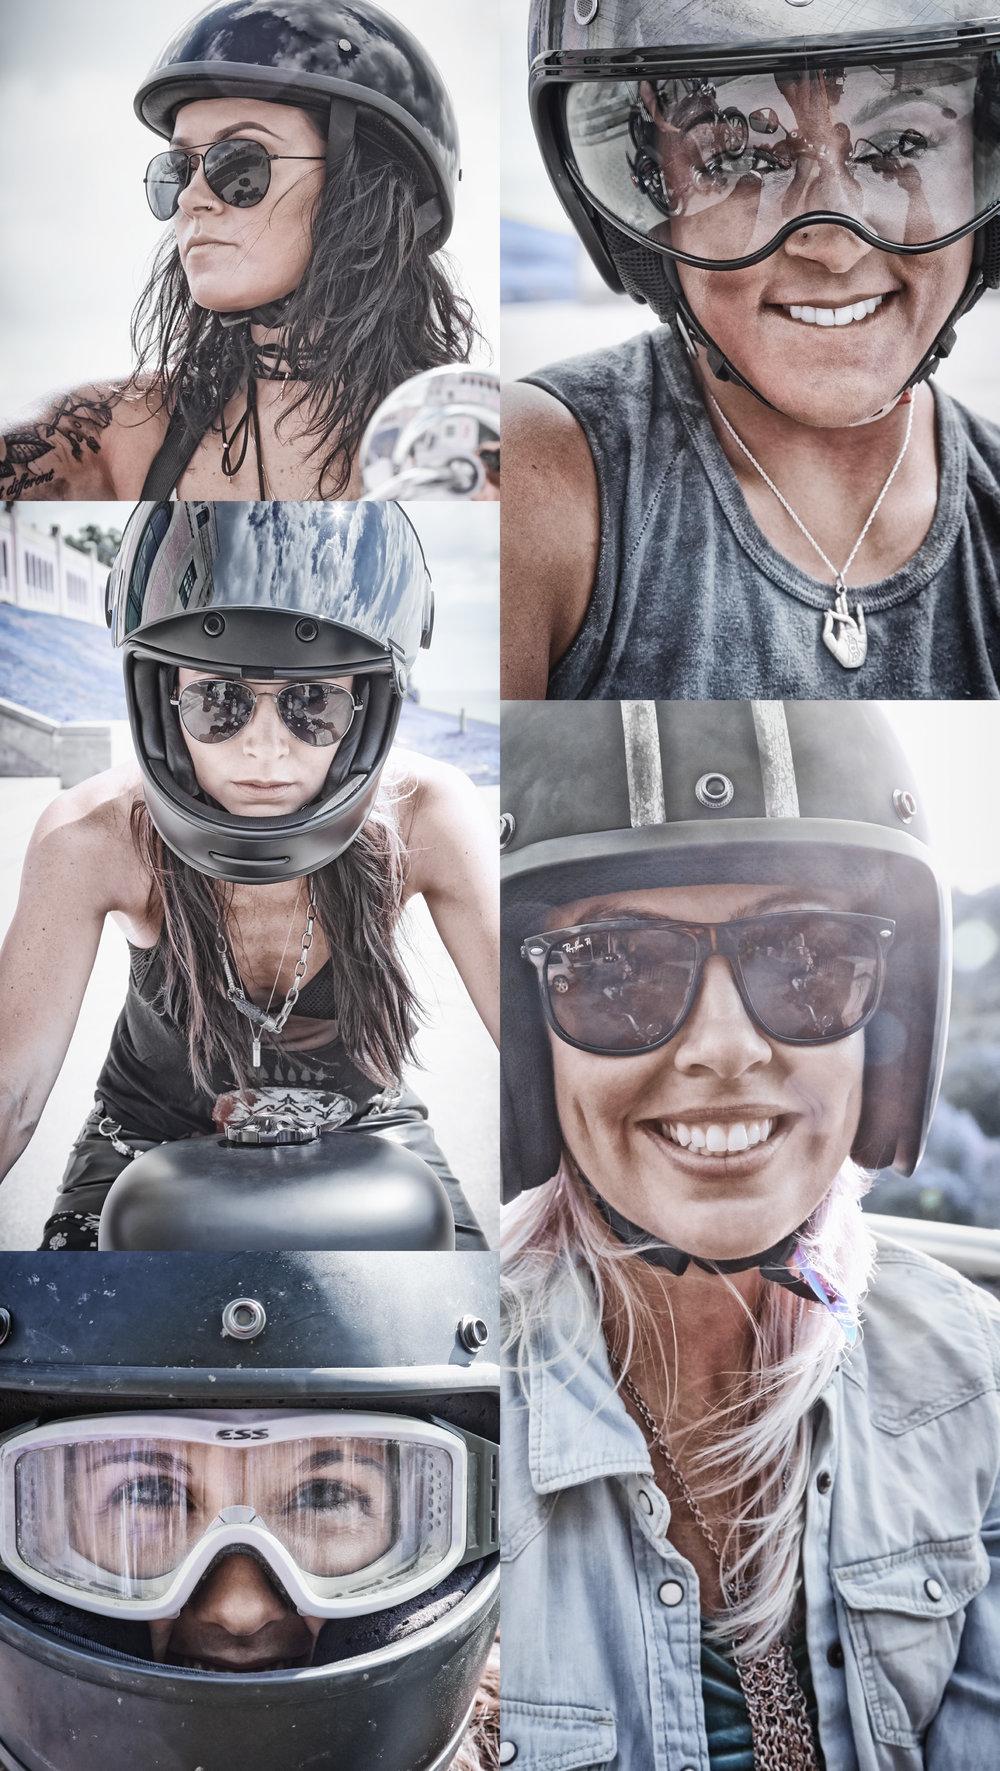 862FEARLESS_Helmet Heads_v2.jpg